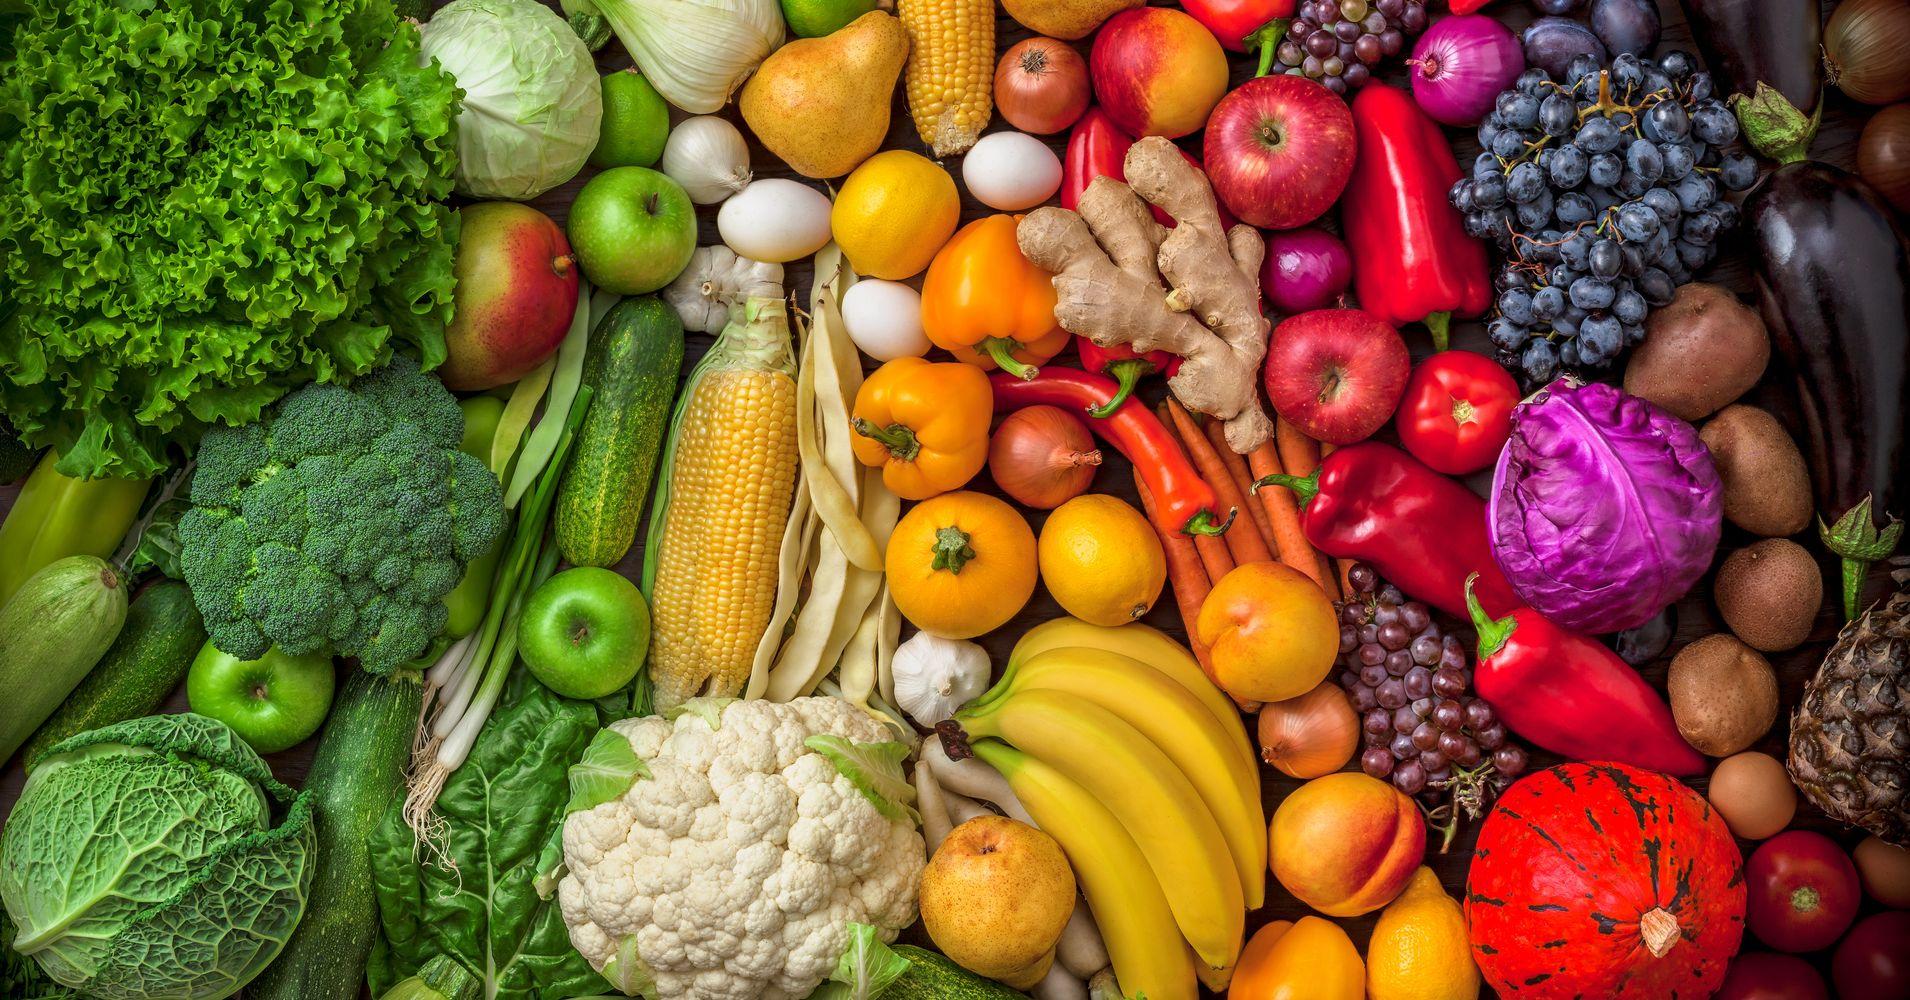 Какие овощи можно употреблять в тот или иной сезон?